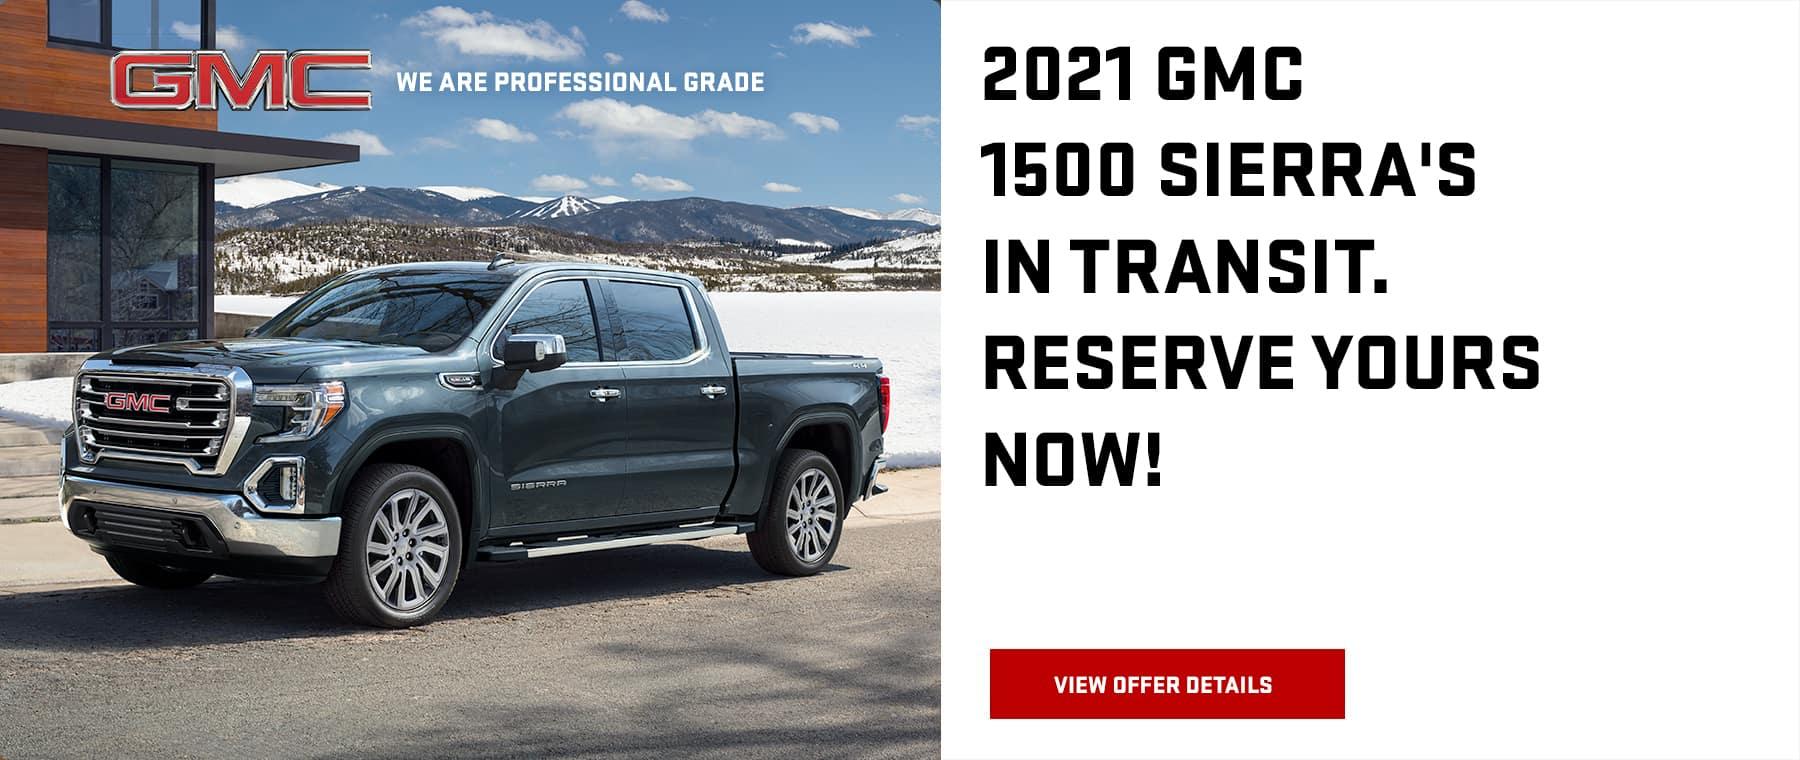 2021 GMC Sierra